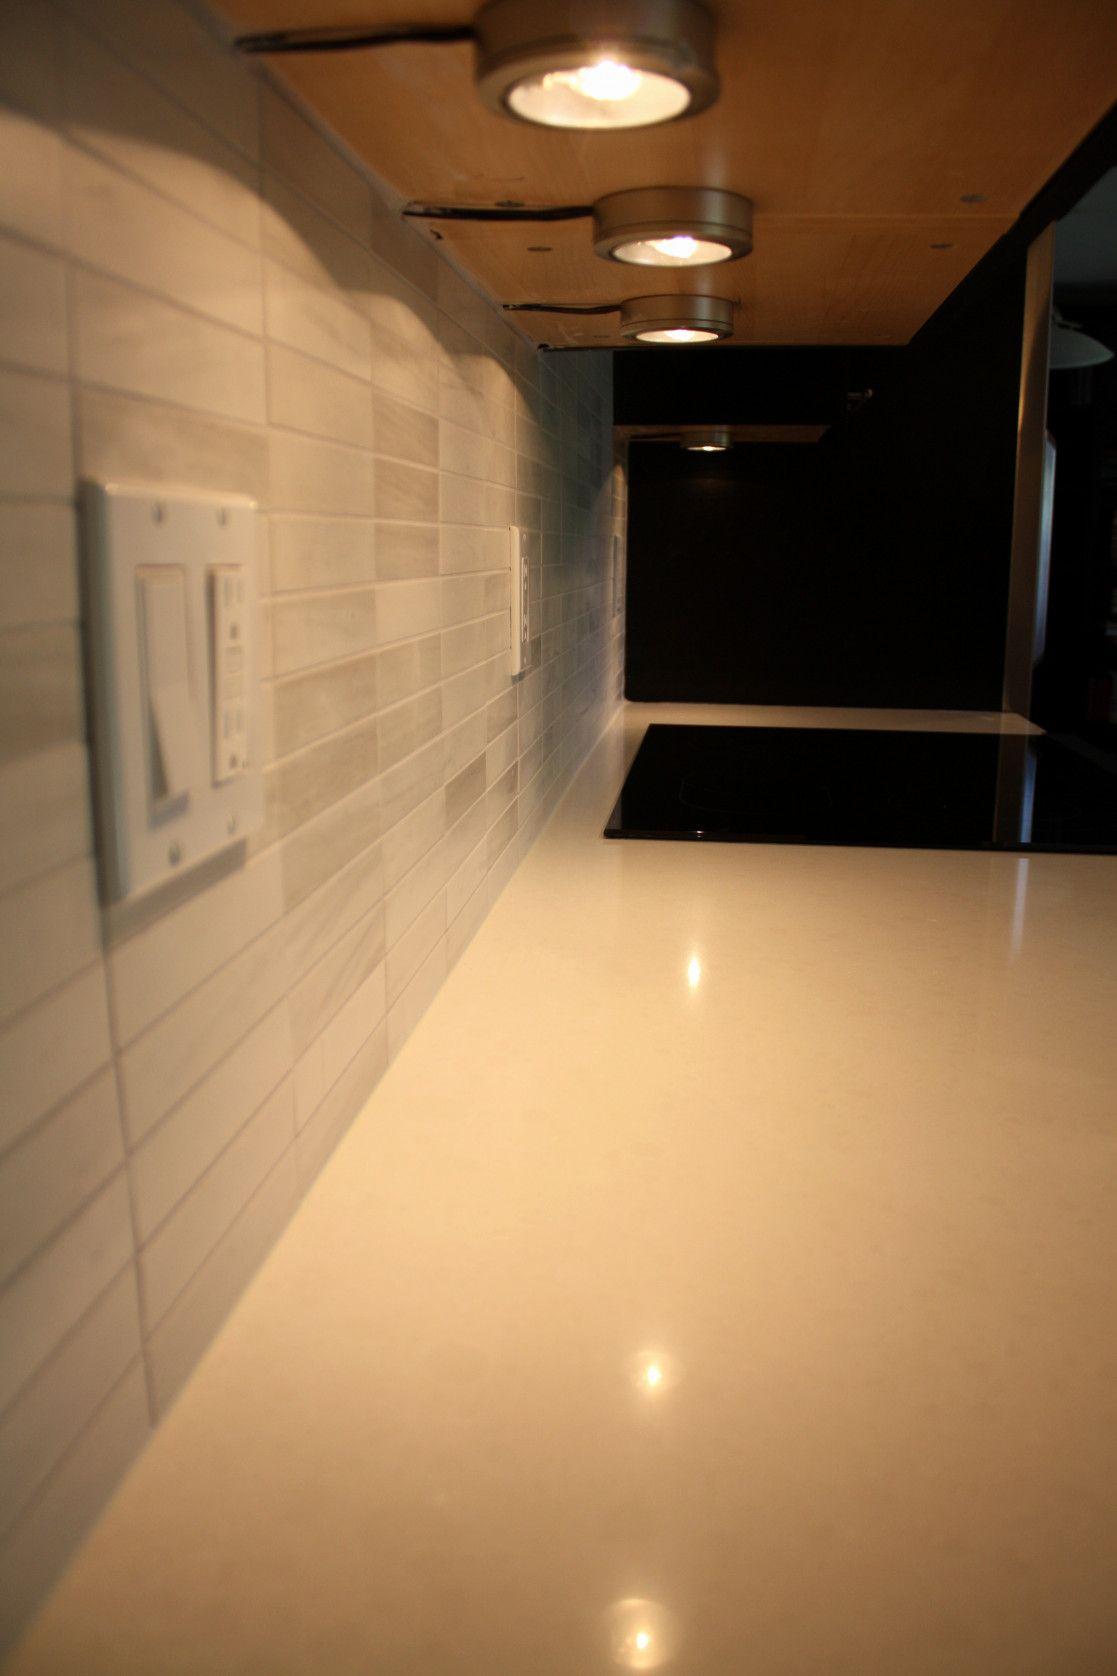 hardwired under cabinet lighting Hardwired Under CabiLighting Kitchen   Architecture Modern Idea • hardwired under cabinet lighting